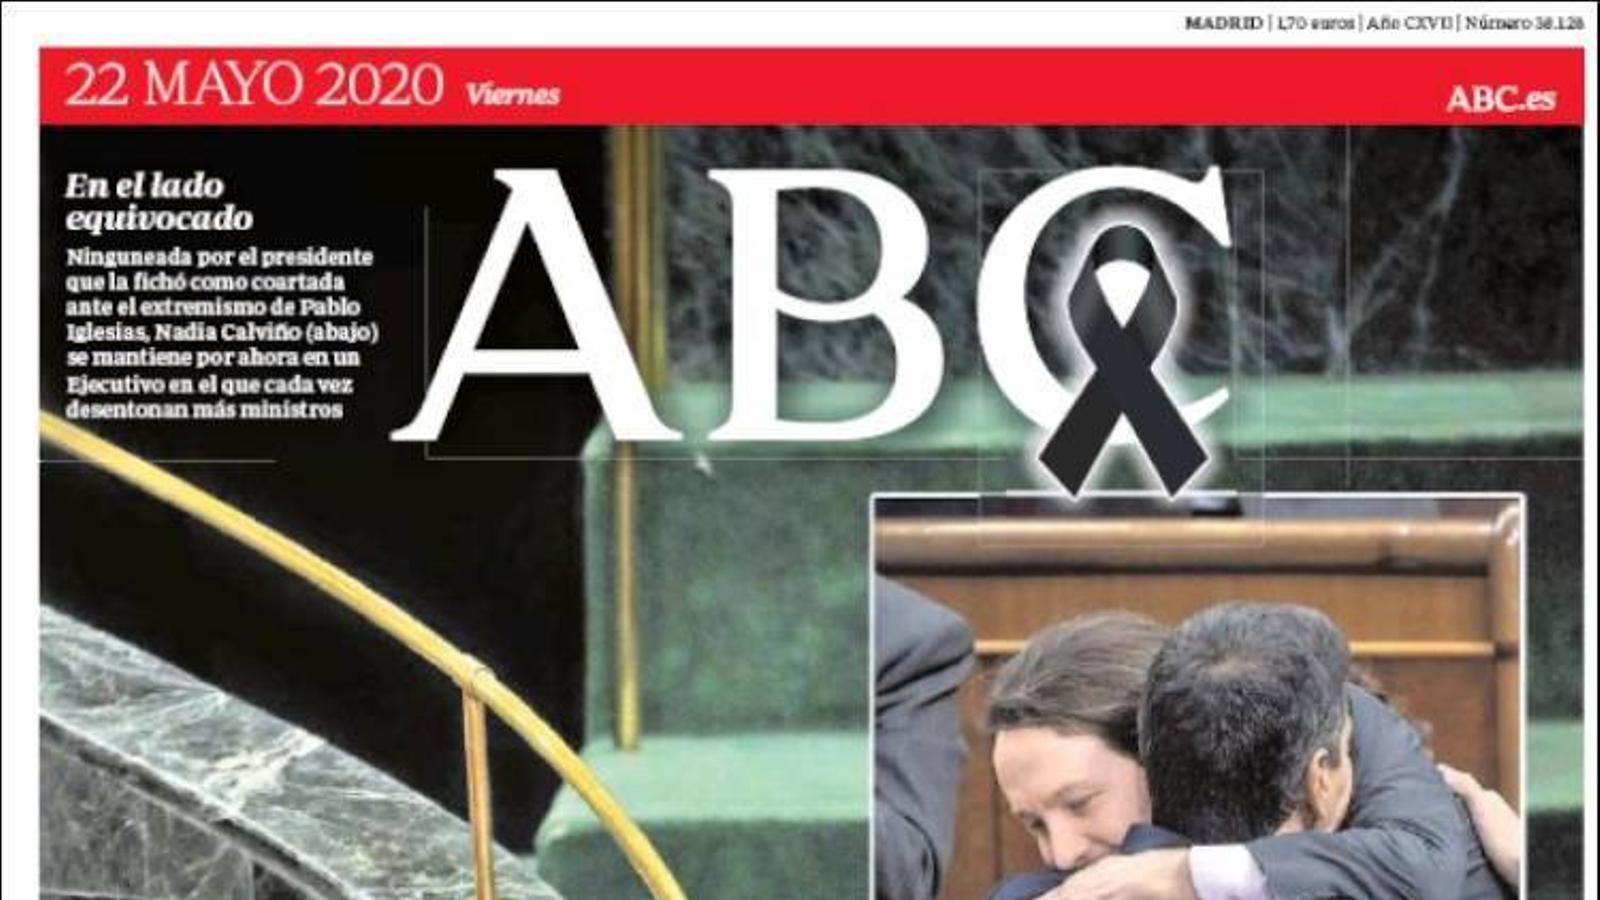 Portada de l'Abc, 22 de maig del 2020